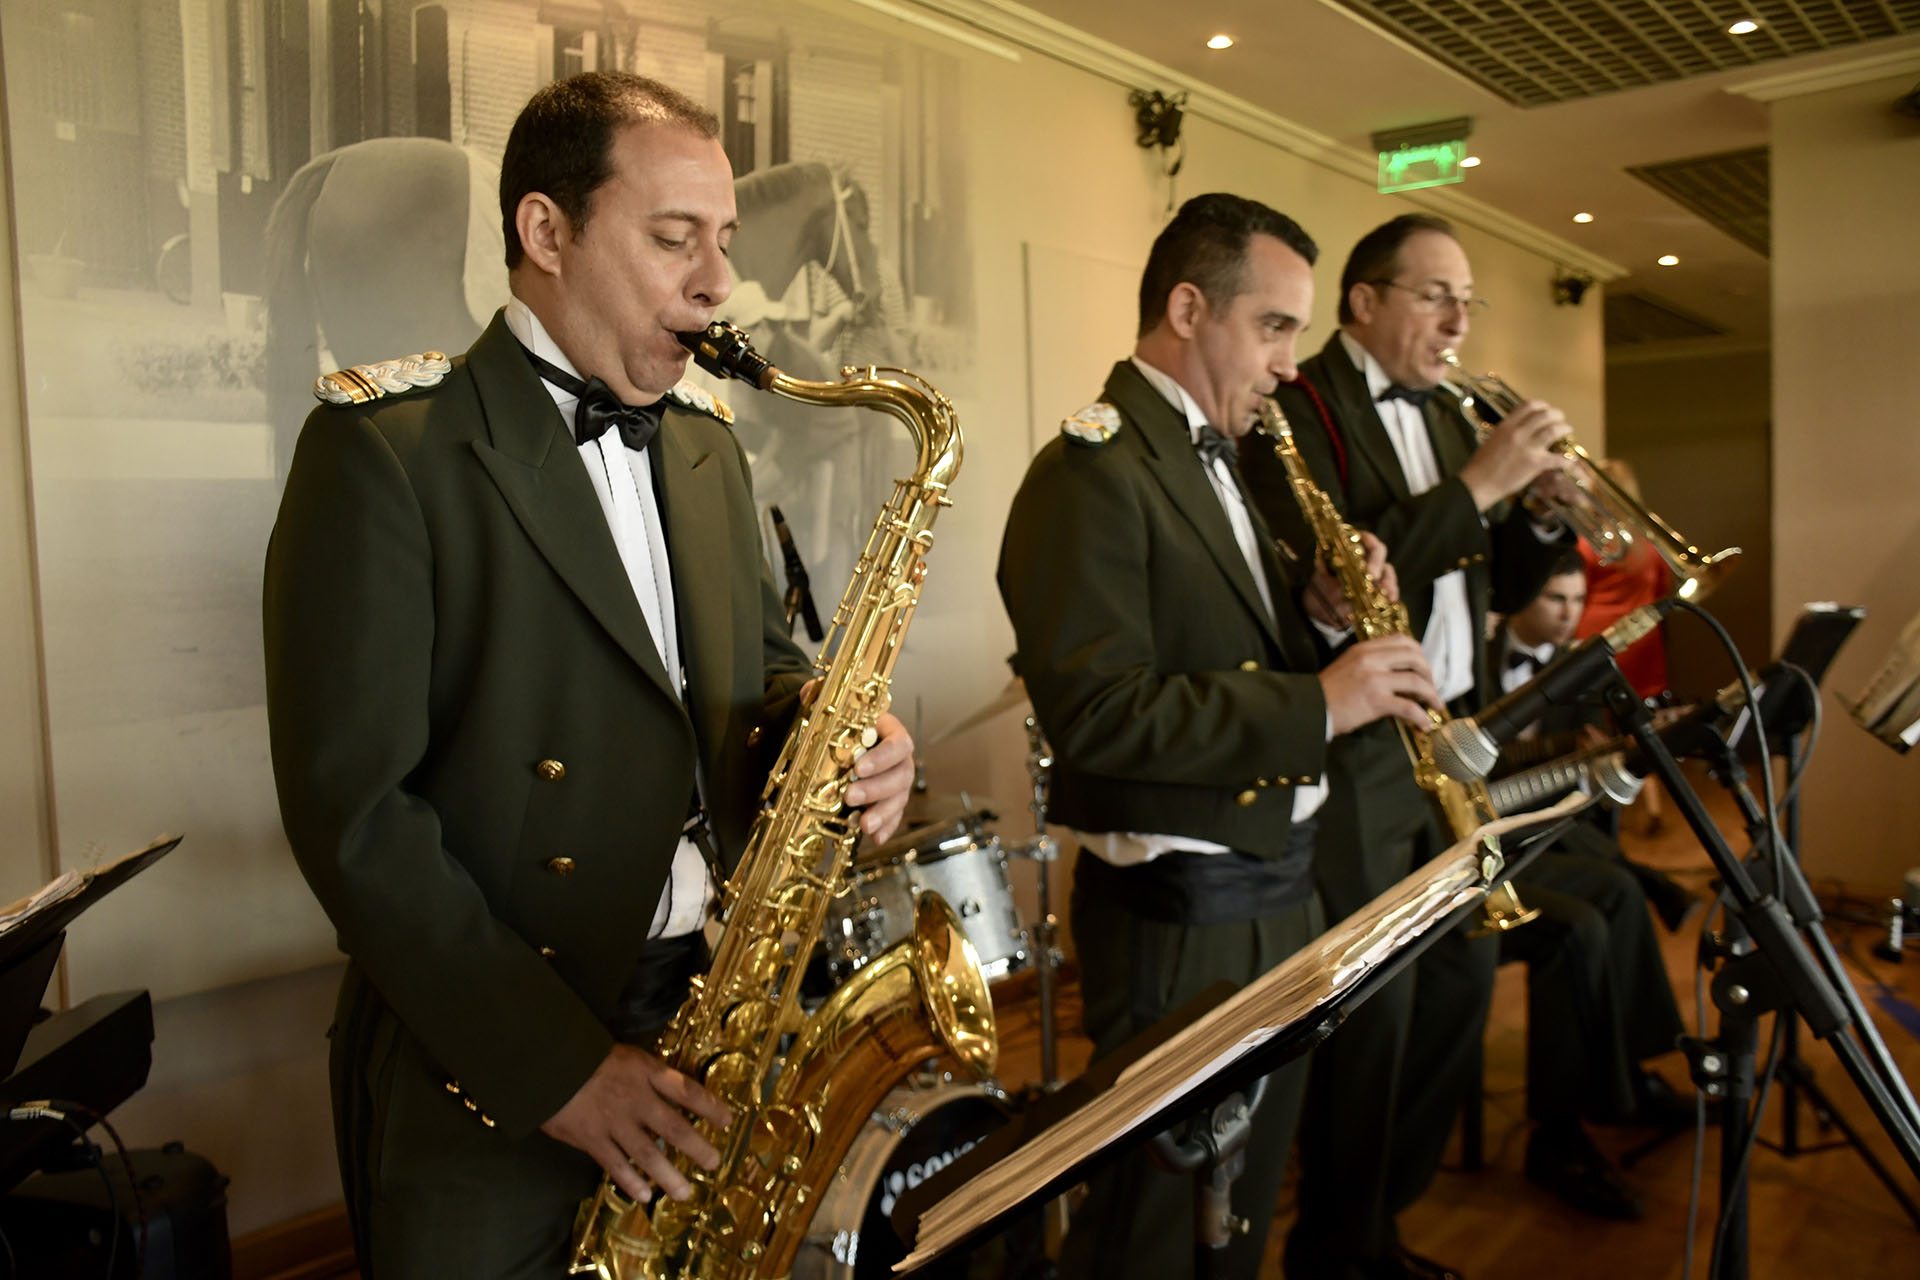 Un conjunto musical entonó canciones de jazz para todos los presentes en el restaurante del Hipódromo